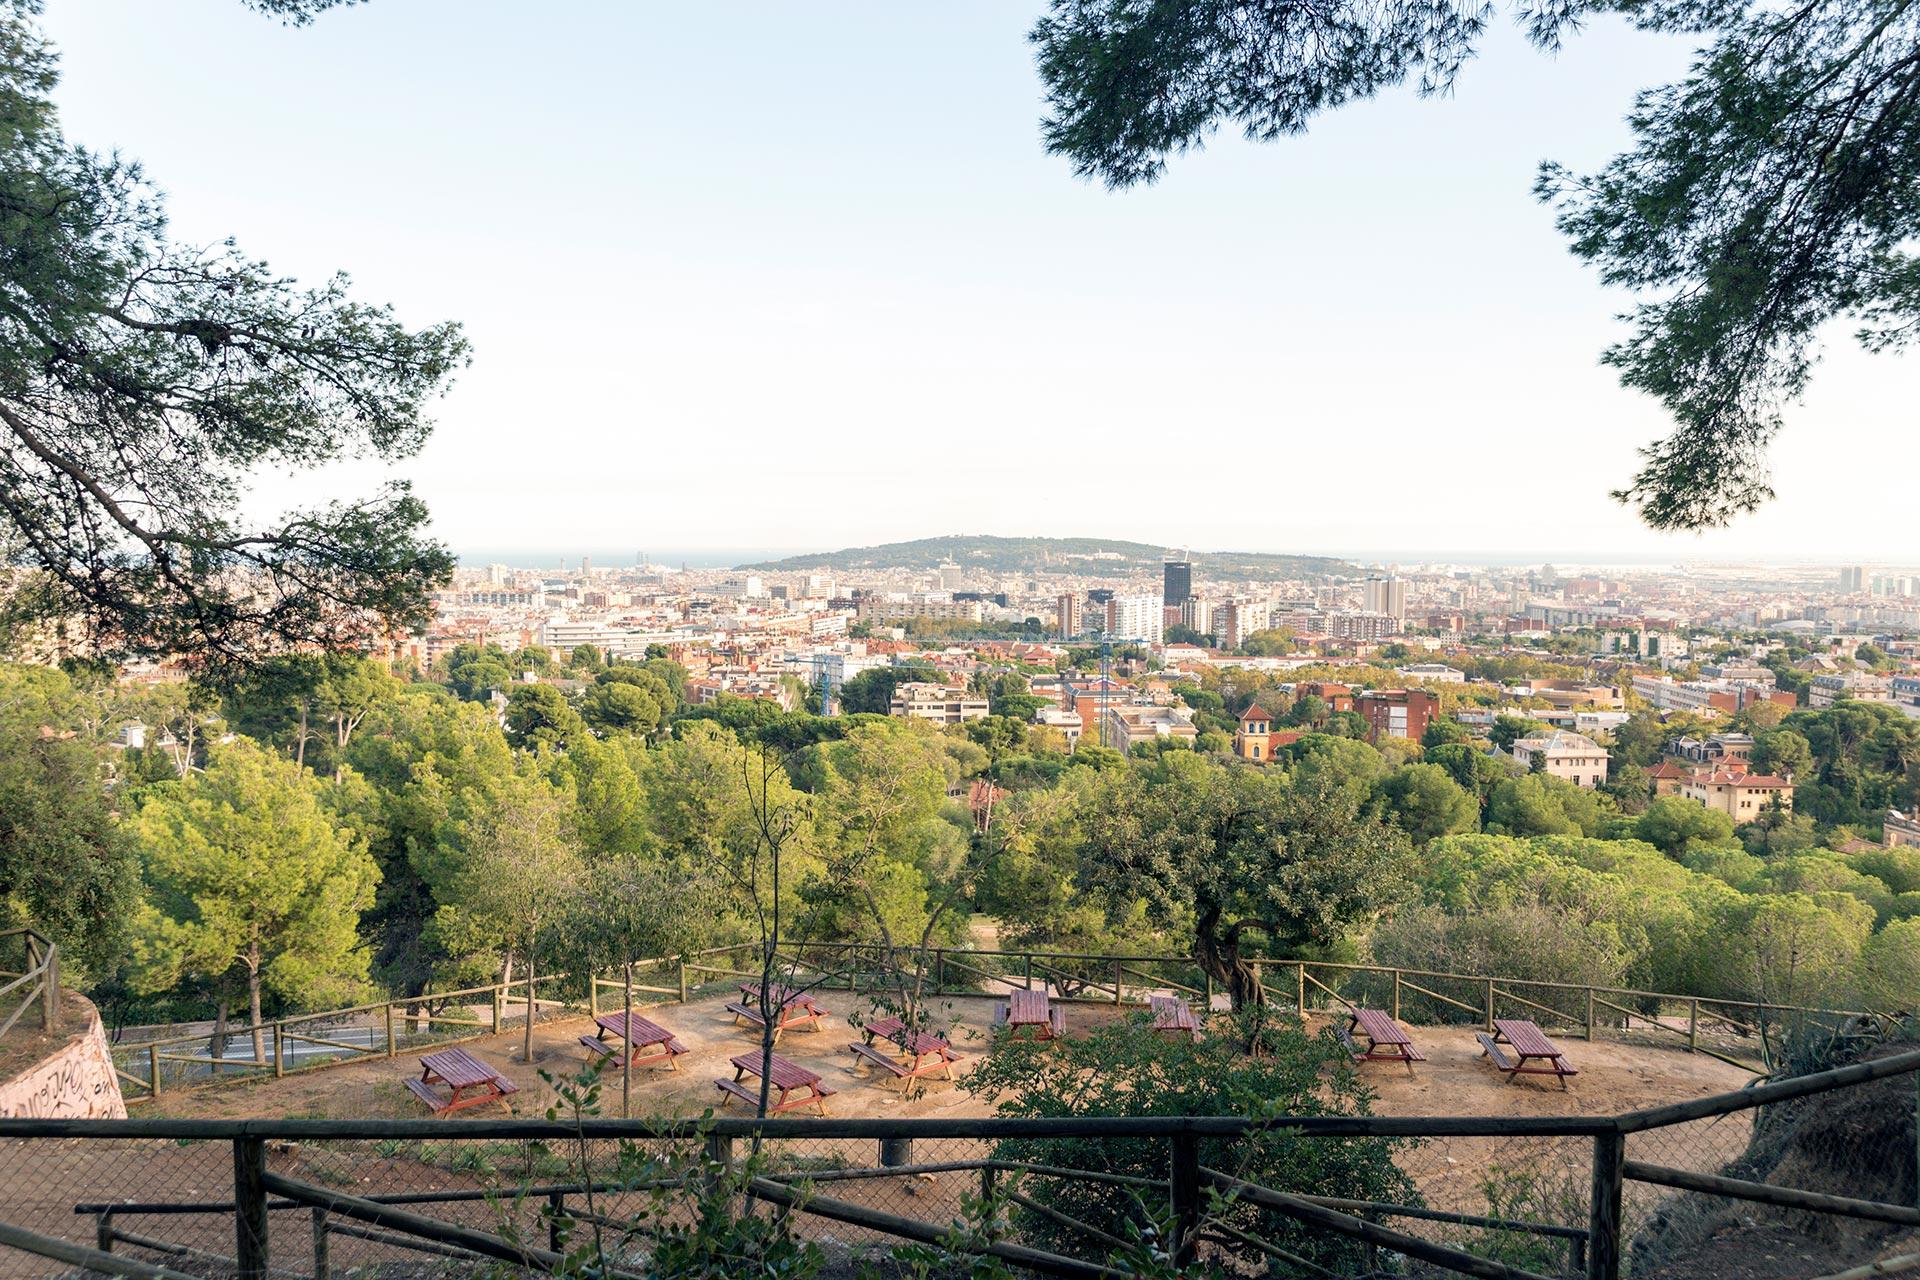 Oreneta, Barcelona © Tuulia Kolehmainen